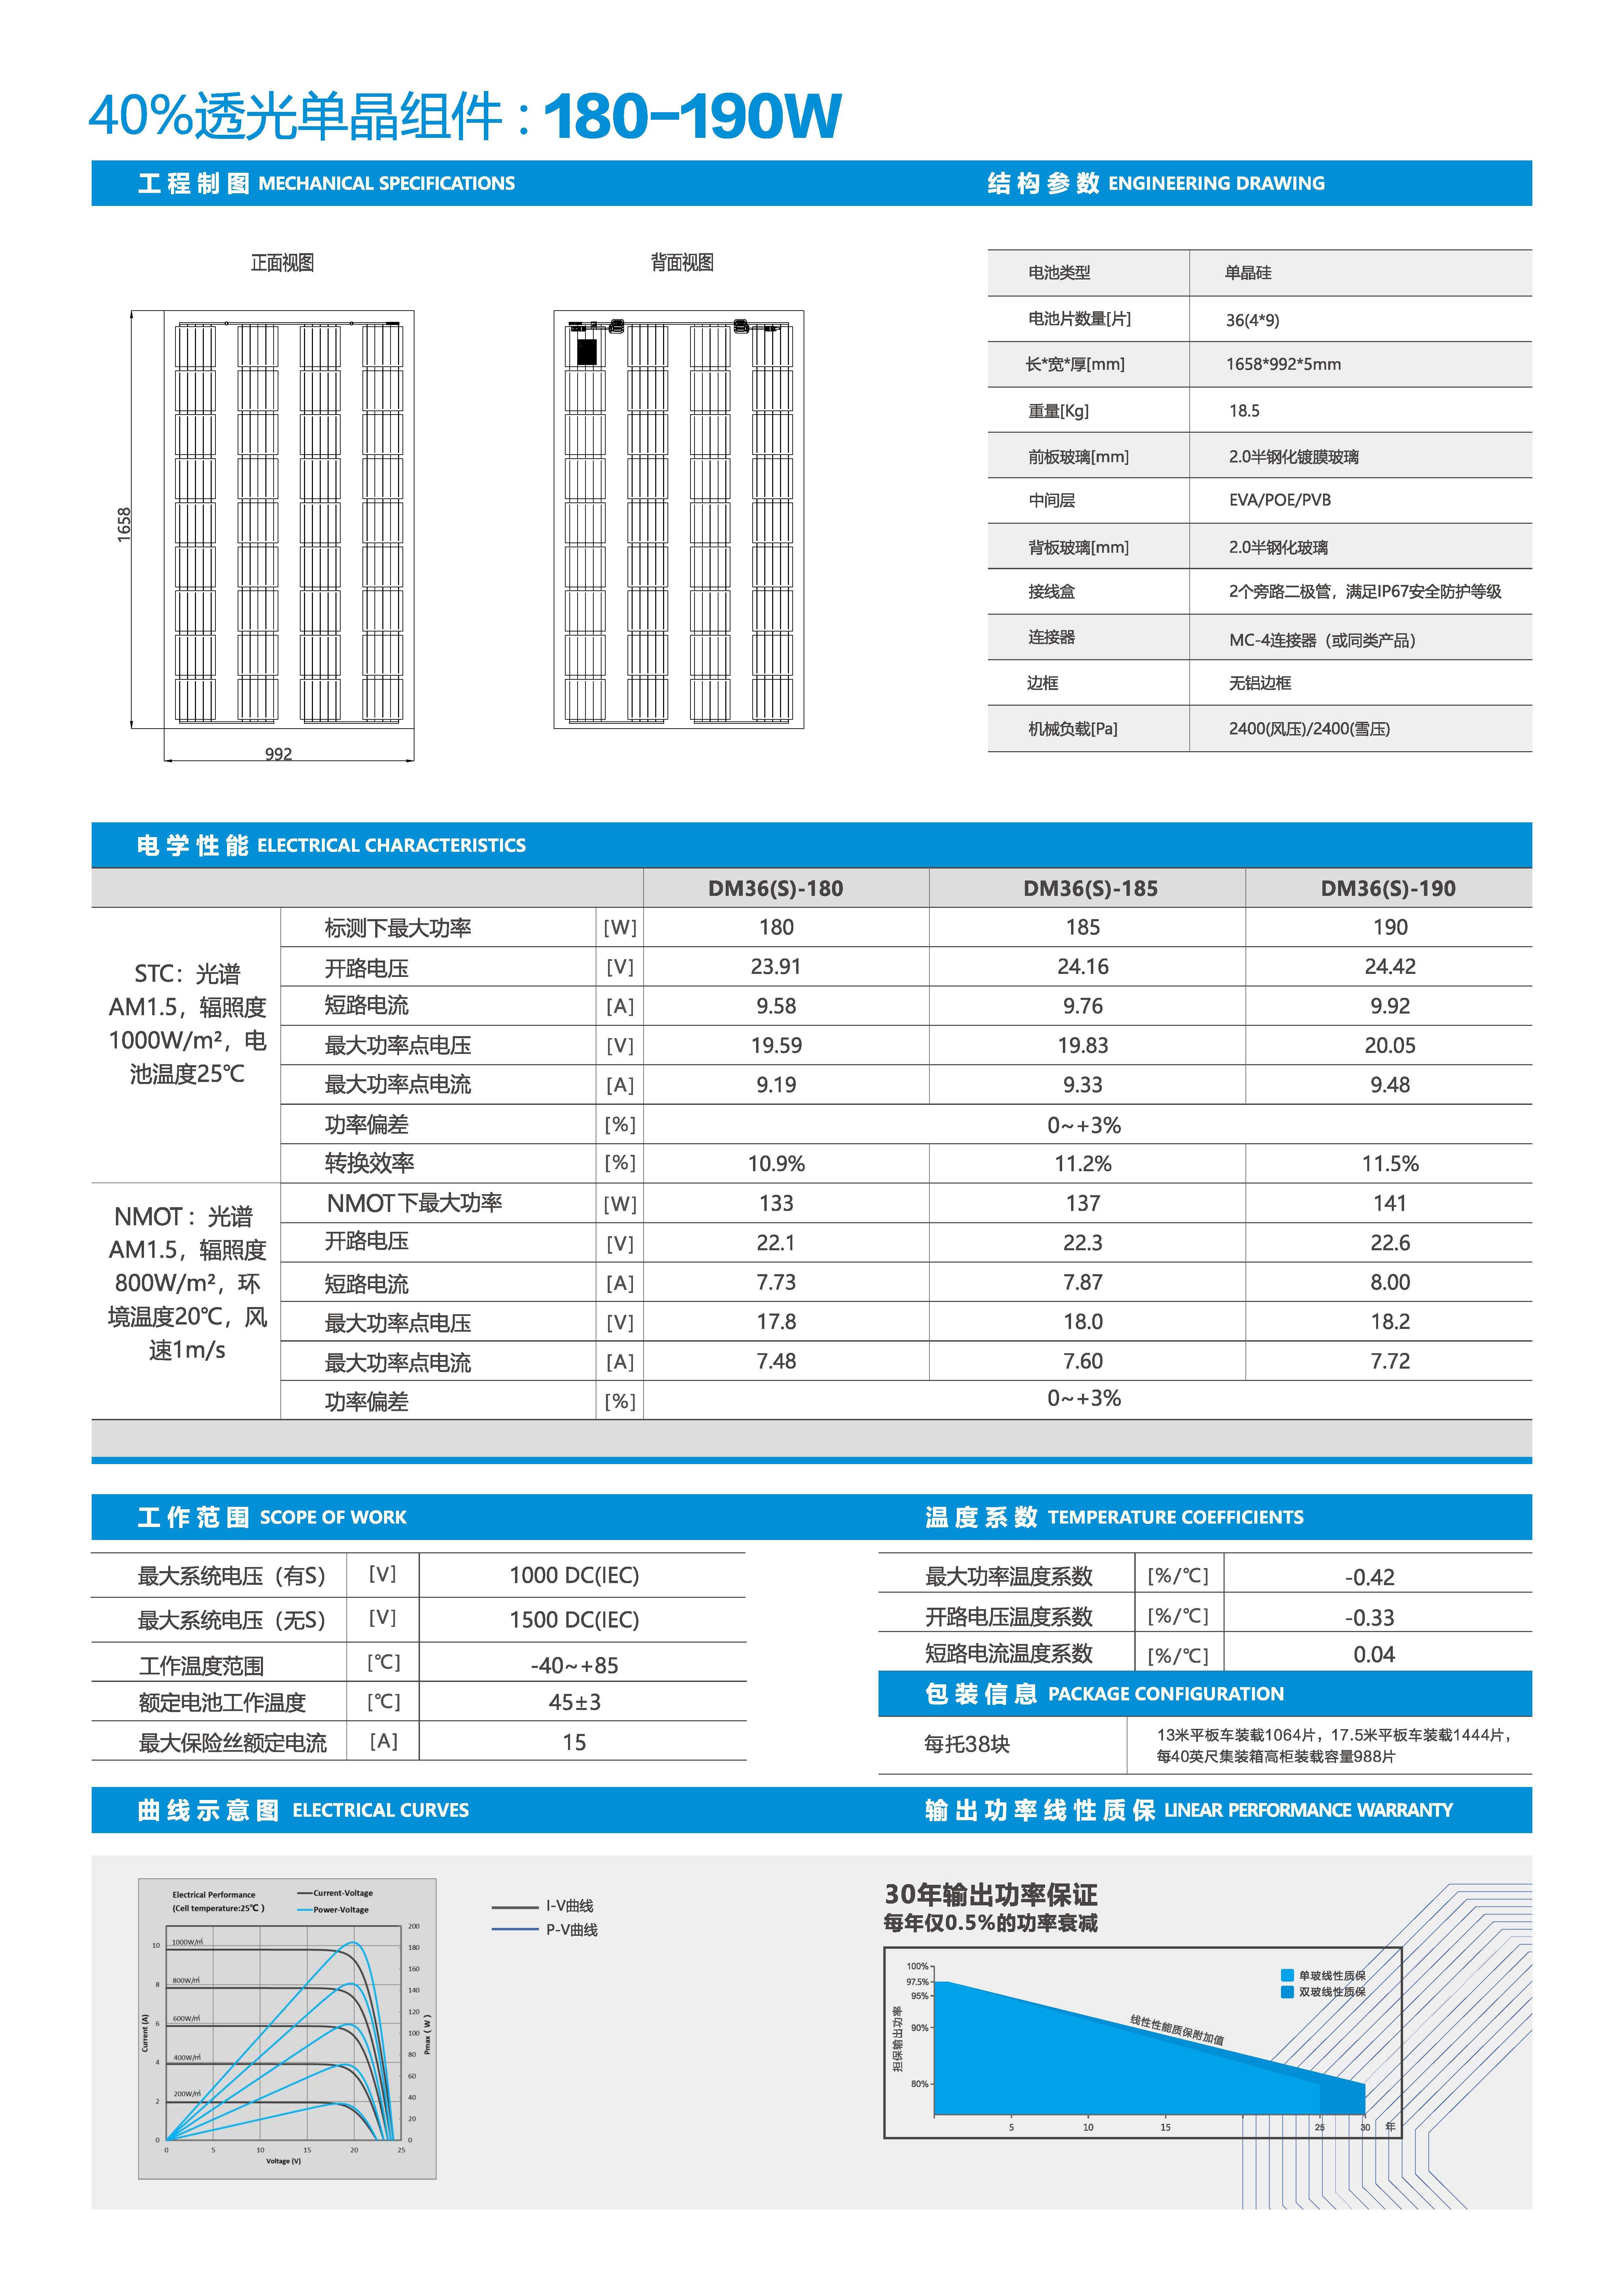 DM36(S)180-190-40透光-5mm厚